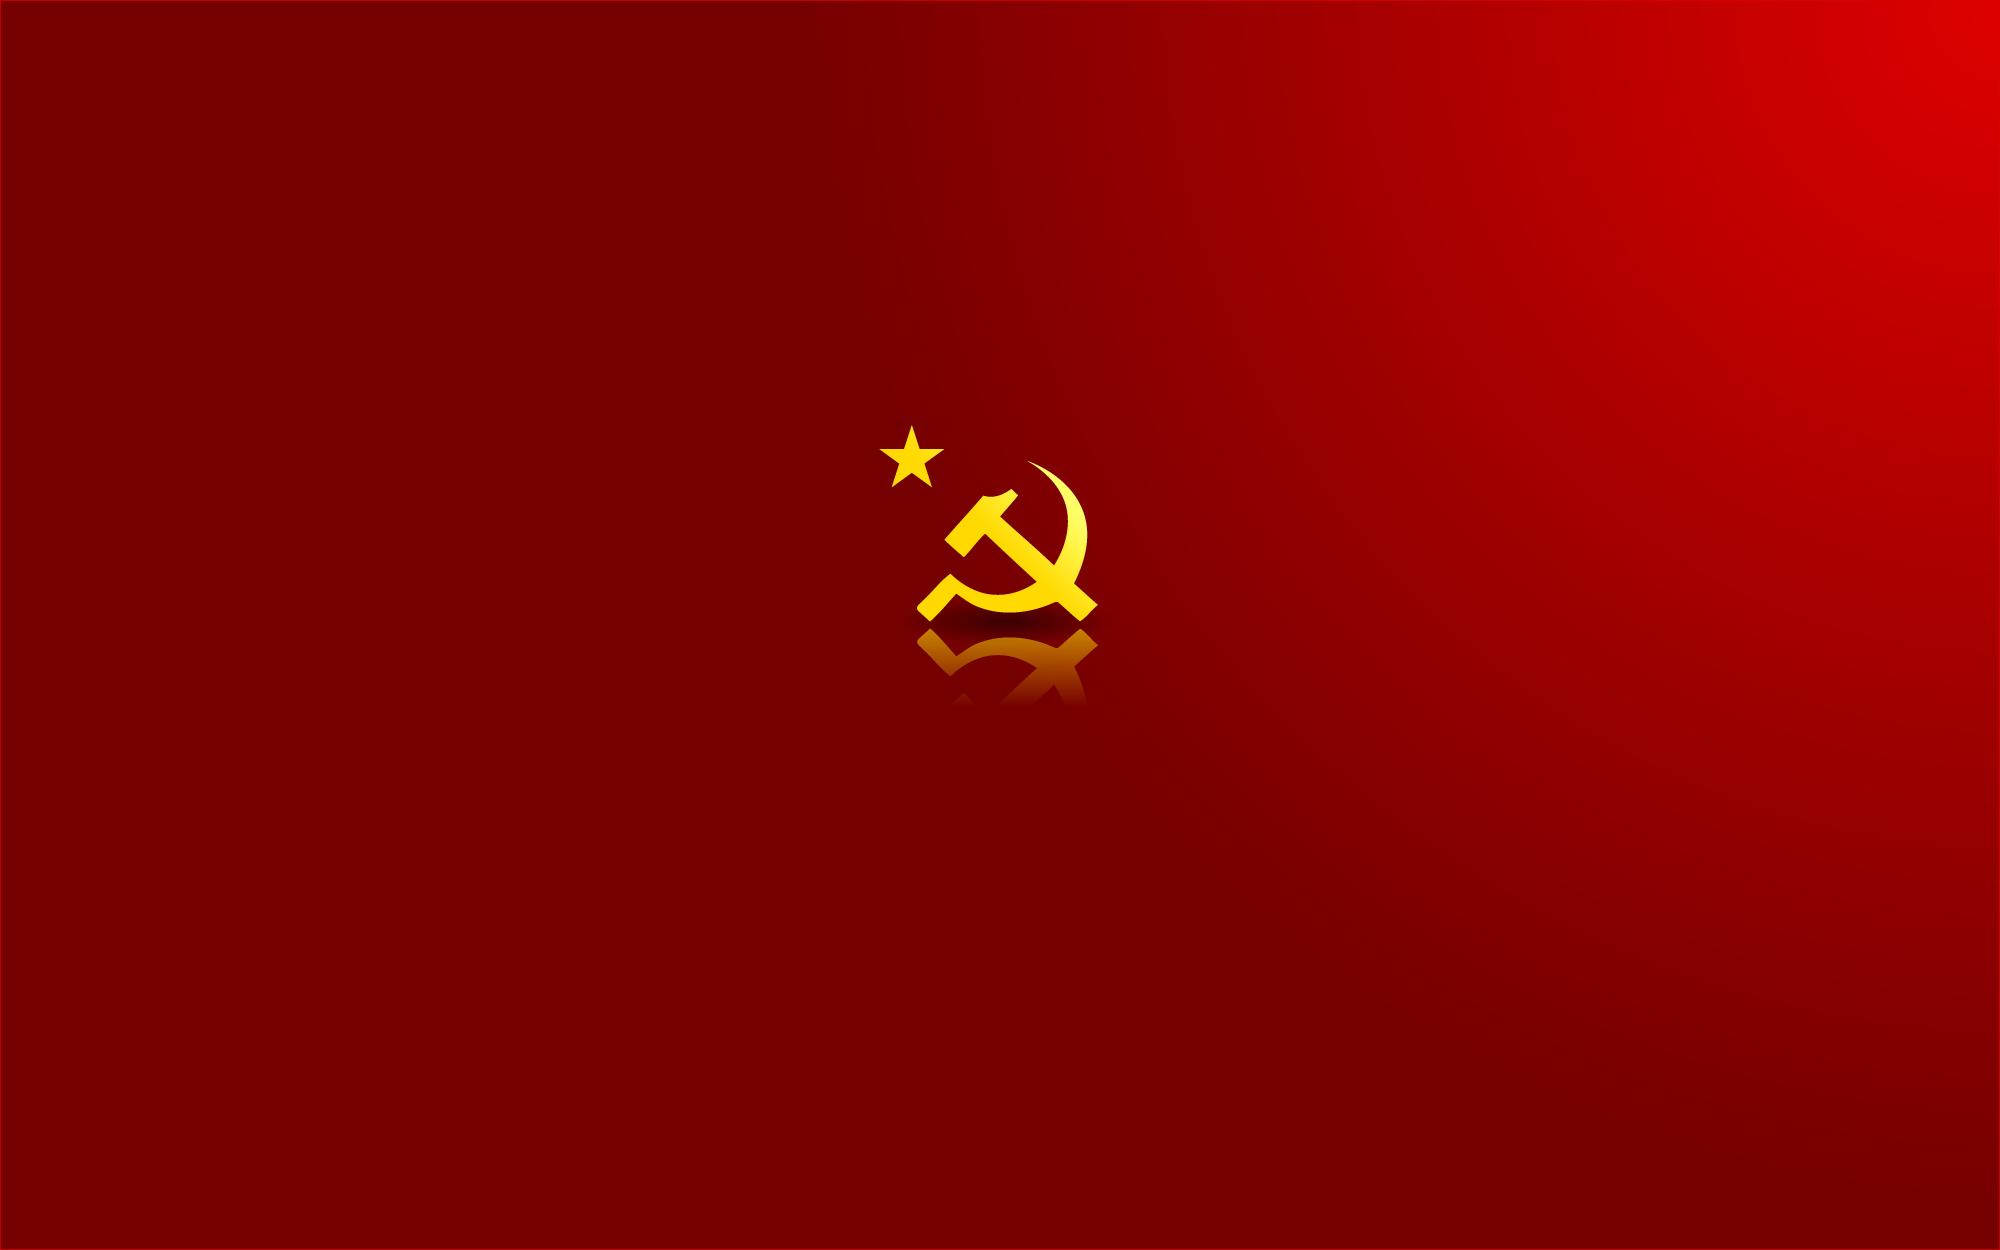 iPhone Communist Wallpaper - WallpaperSafari